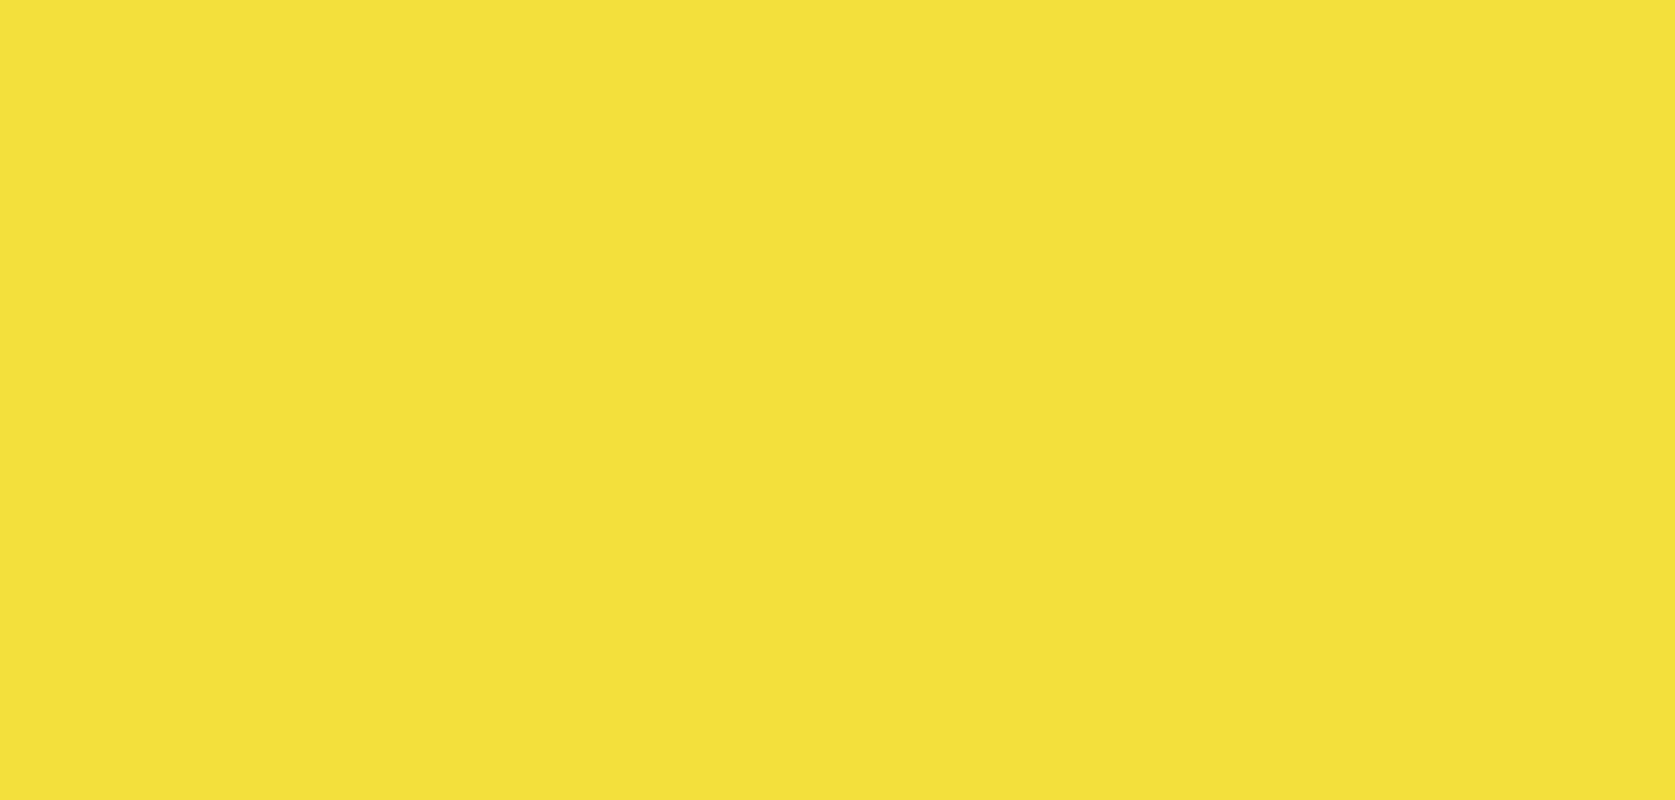 САЙДИНГ Стандарт полиэстер одностороннее покрытия RAL 1018, 2004, 3020, 4005, 4006, 8004. (перфорированная)